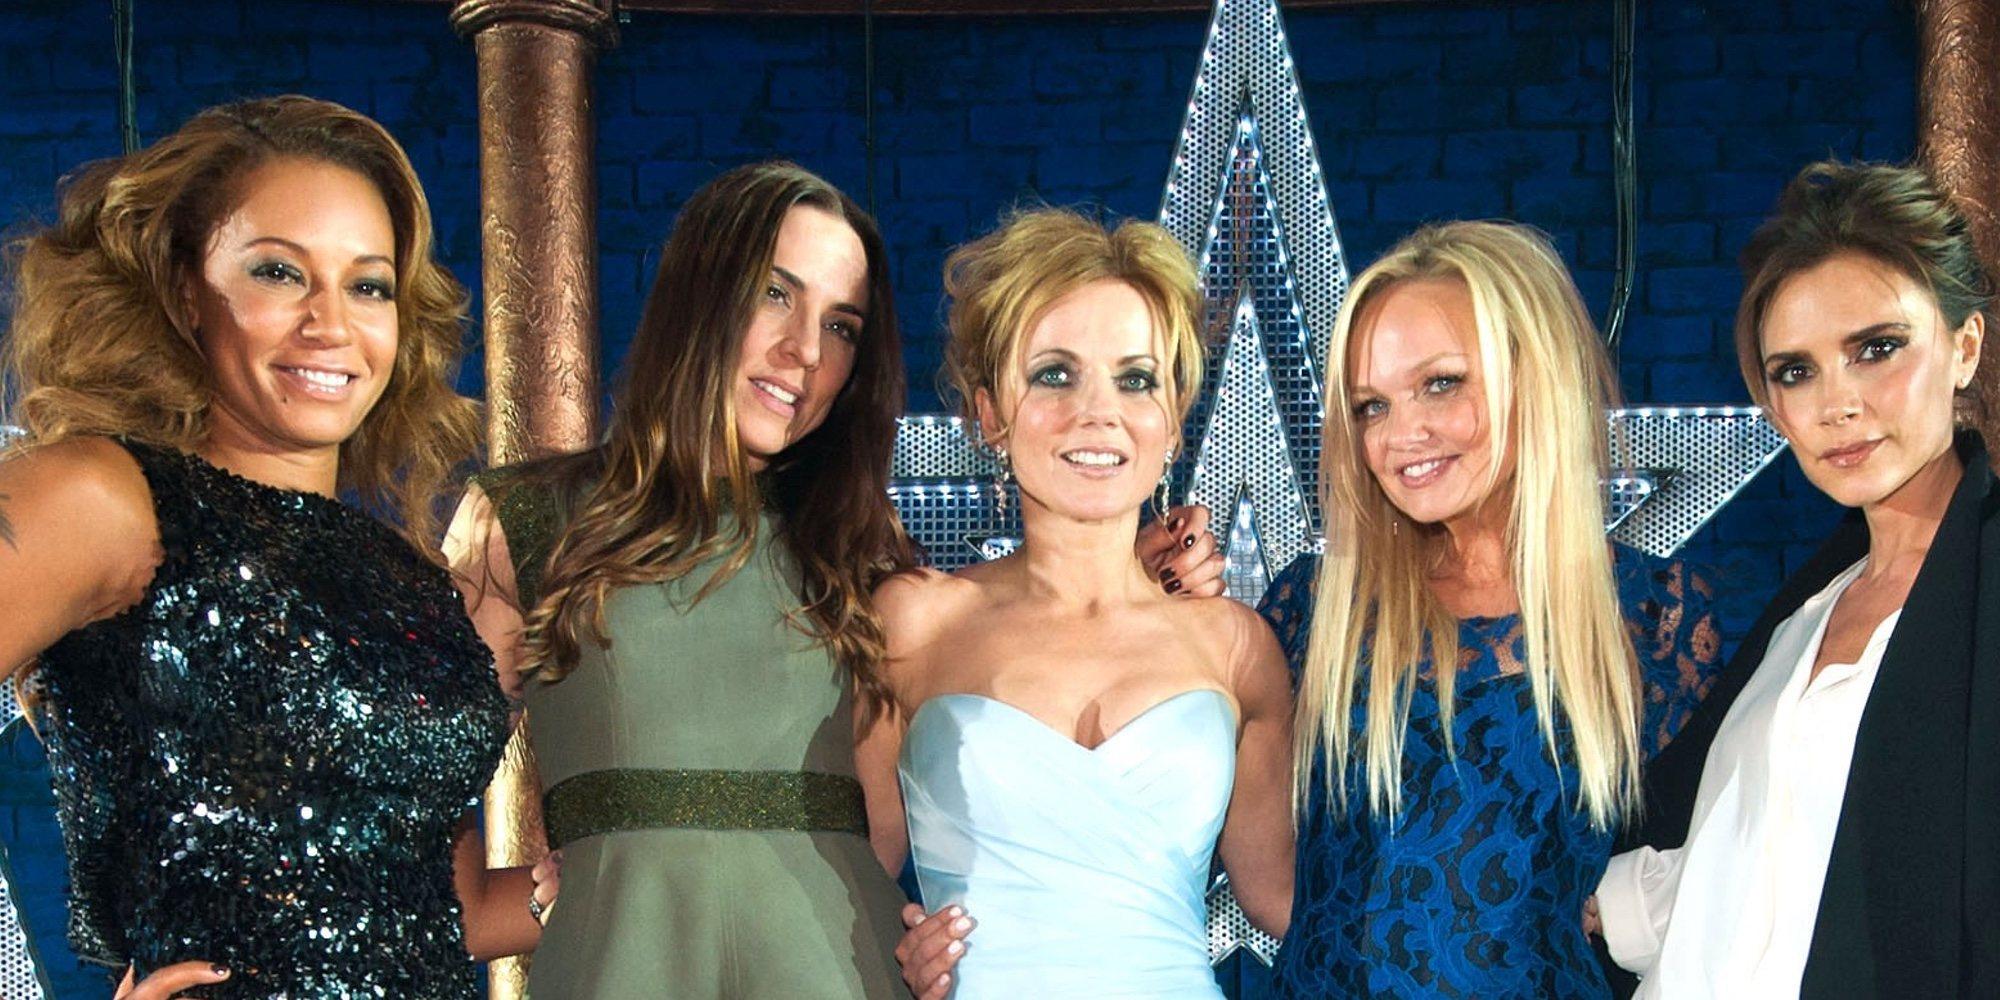 La gira de las Spice Girls está en la cuerda floja: Geri Halliwell está realmente molesta